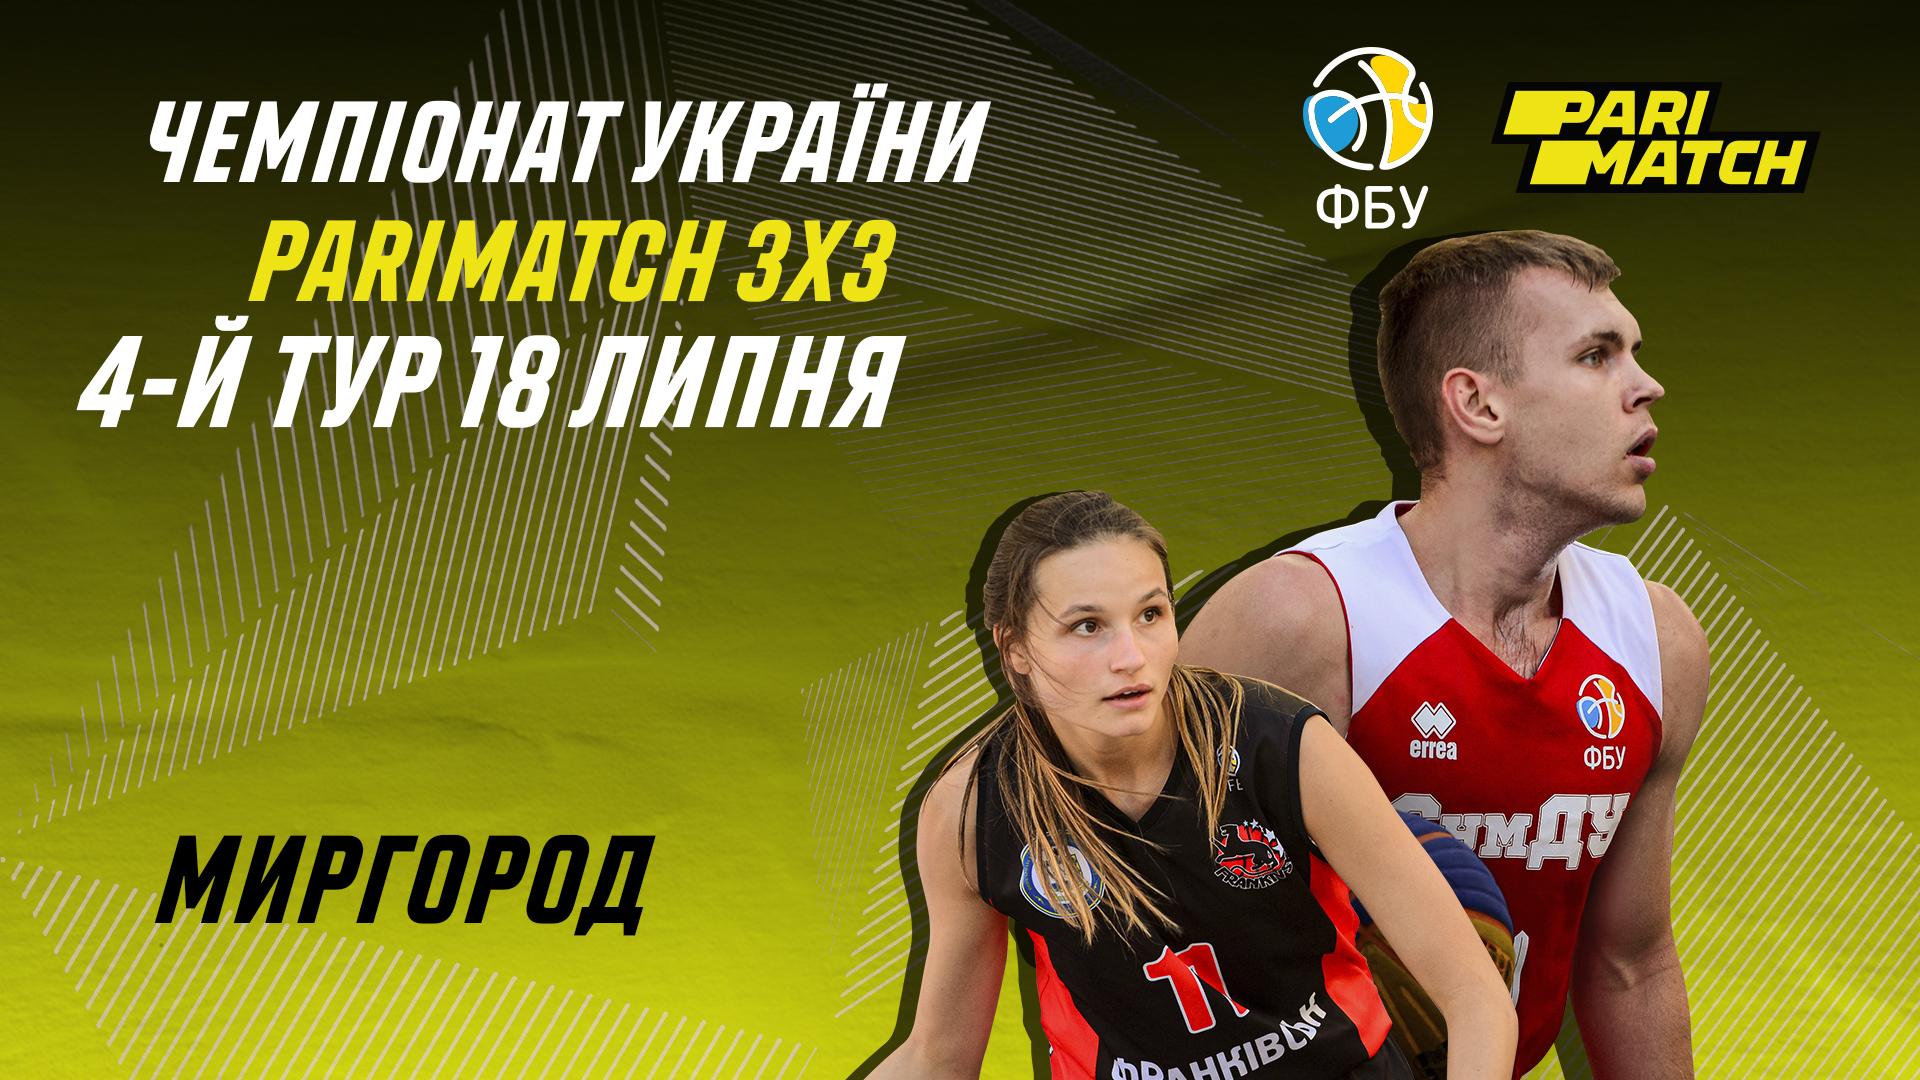 4 тур чемпіонату України 3х3: розклад матчів у Миргороді